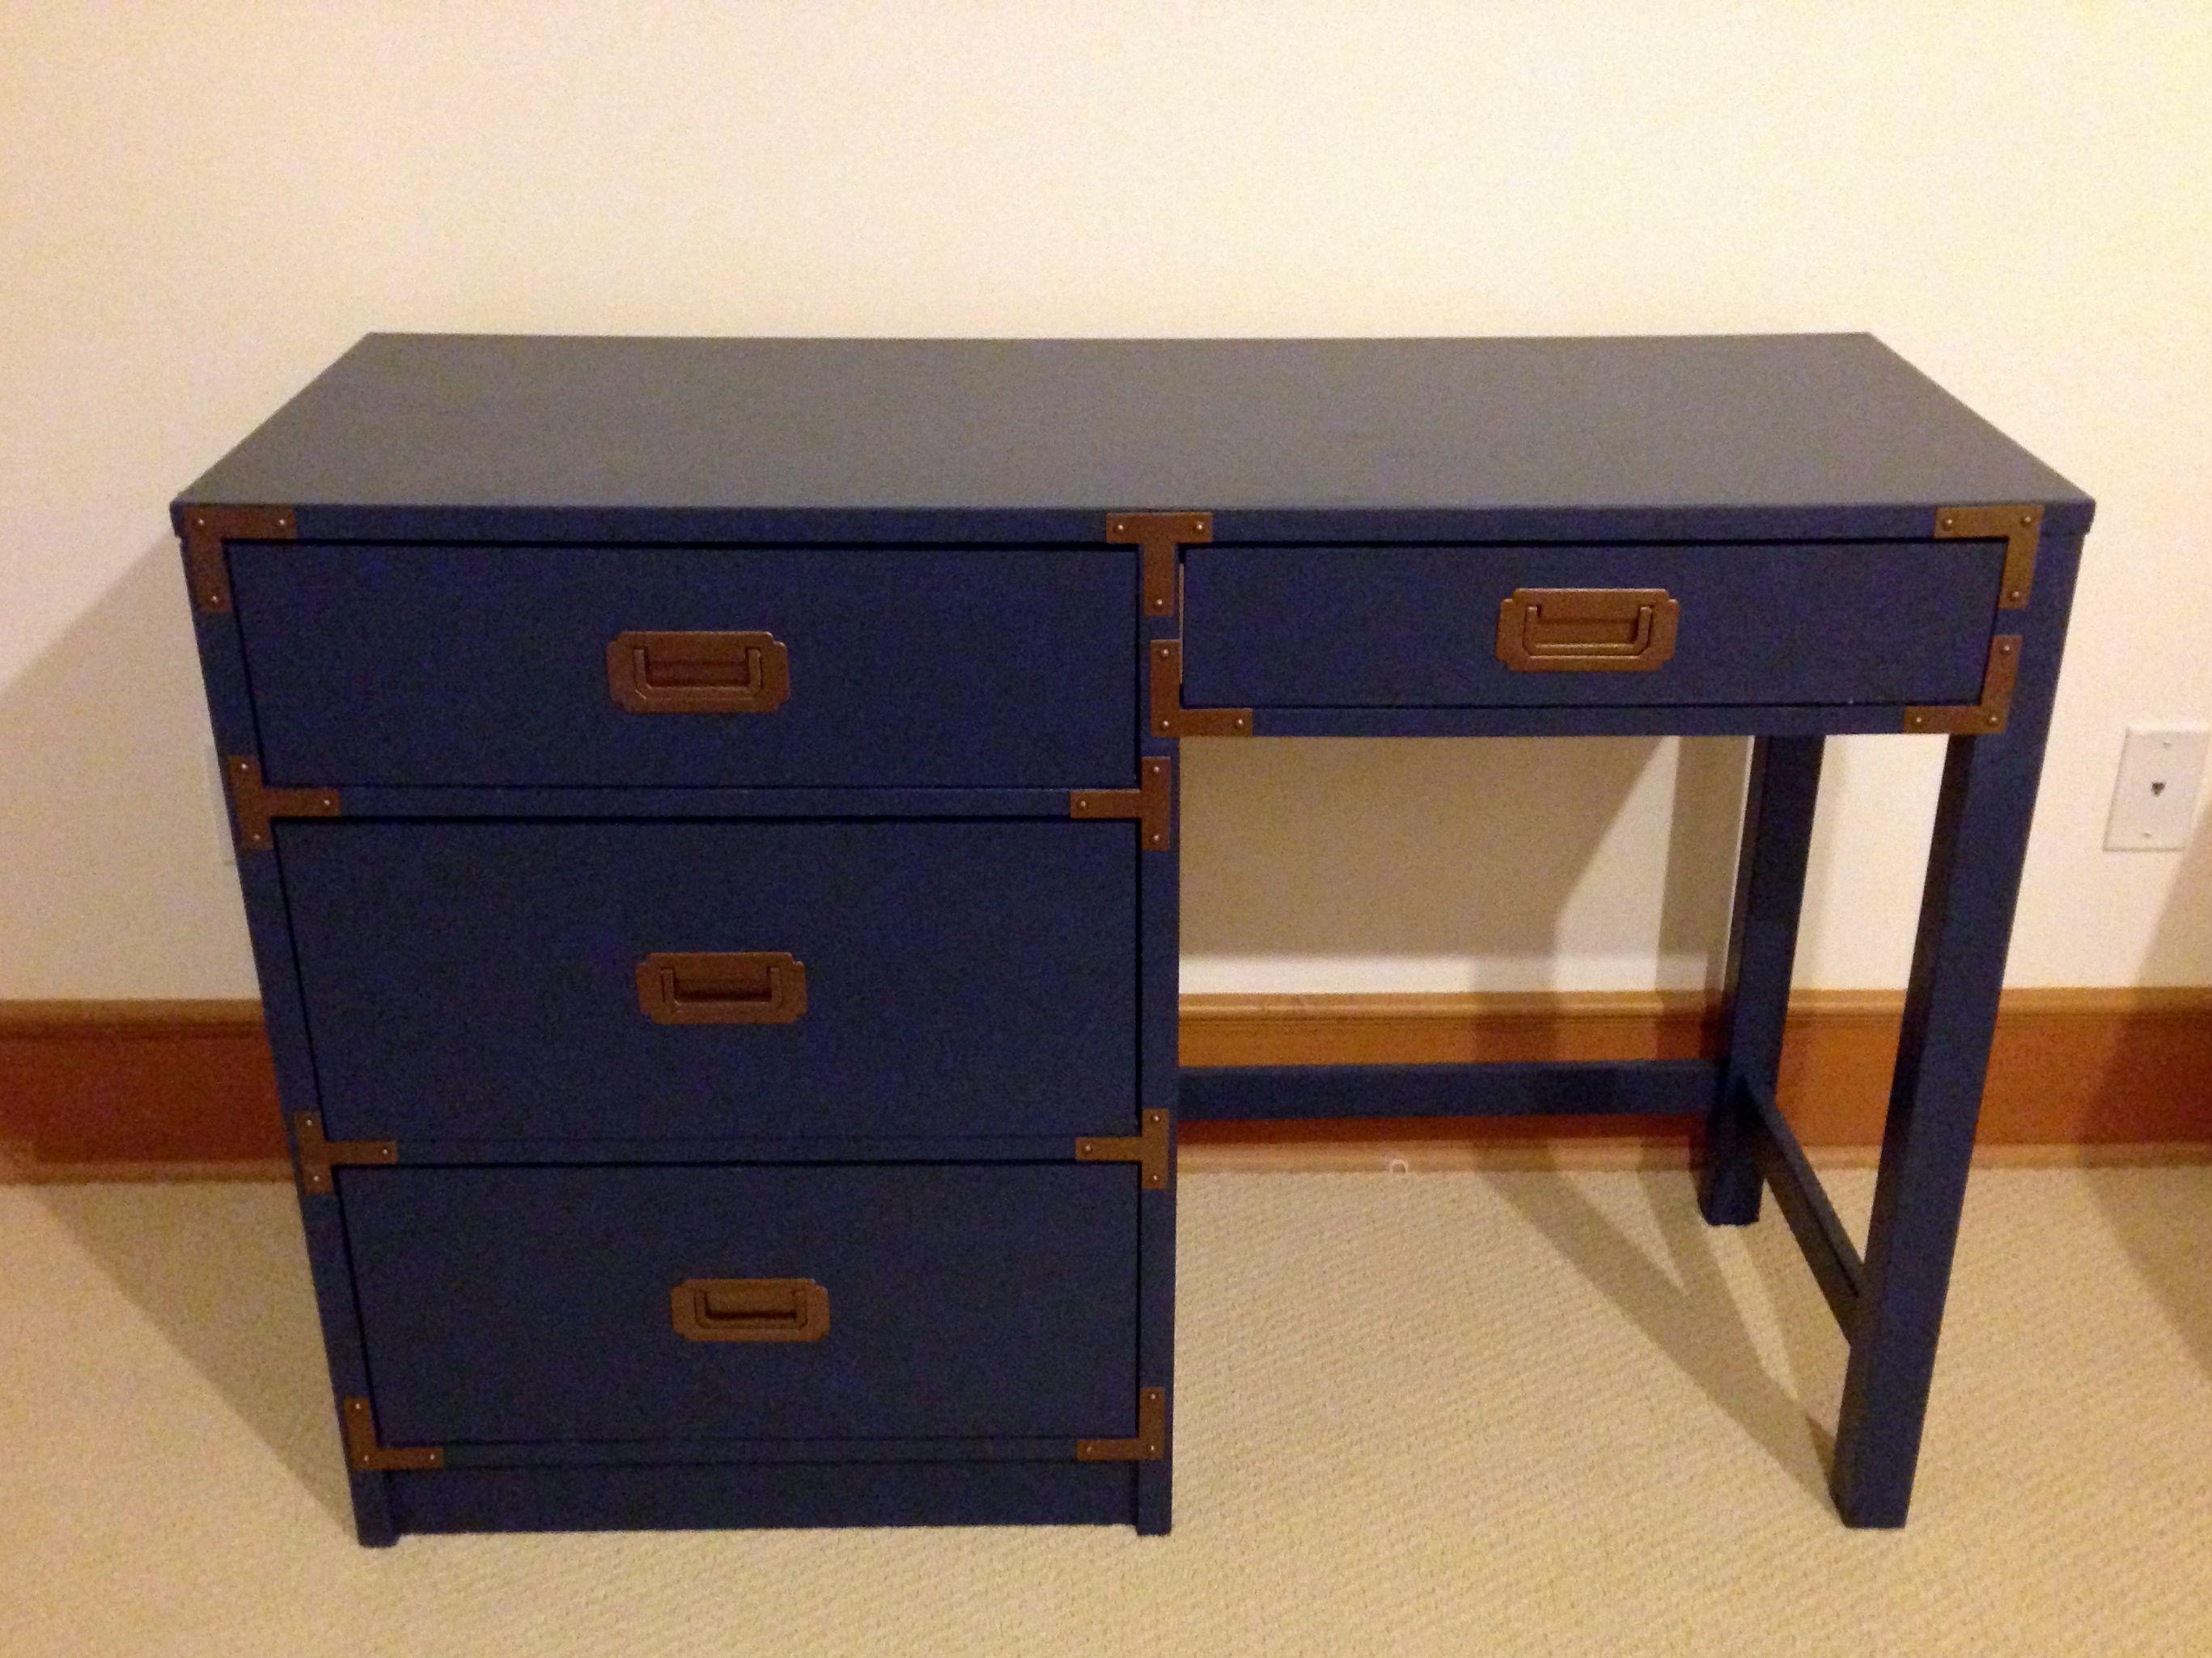 Desk furniture hardware - Refinished Navy Blue Campaign Desk With Original Brass Hardware